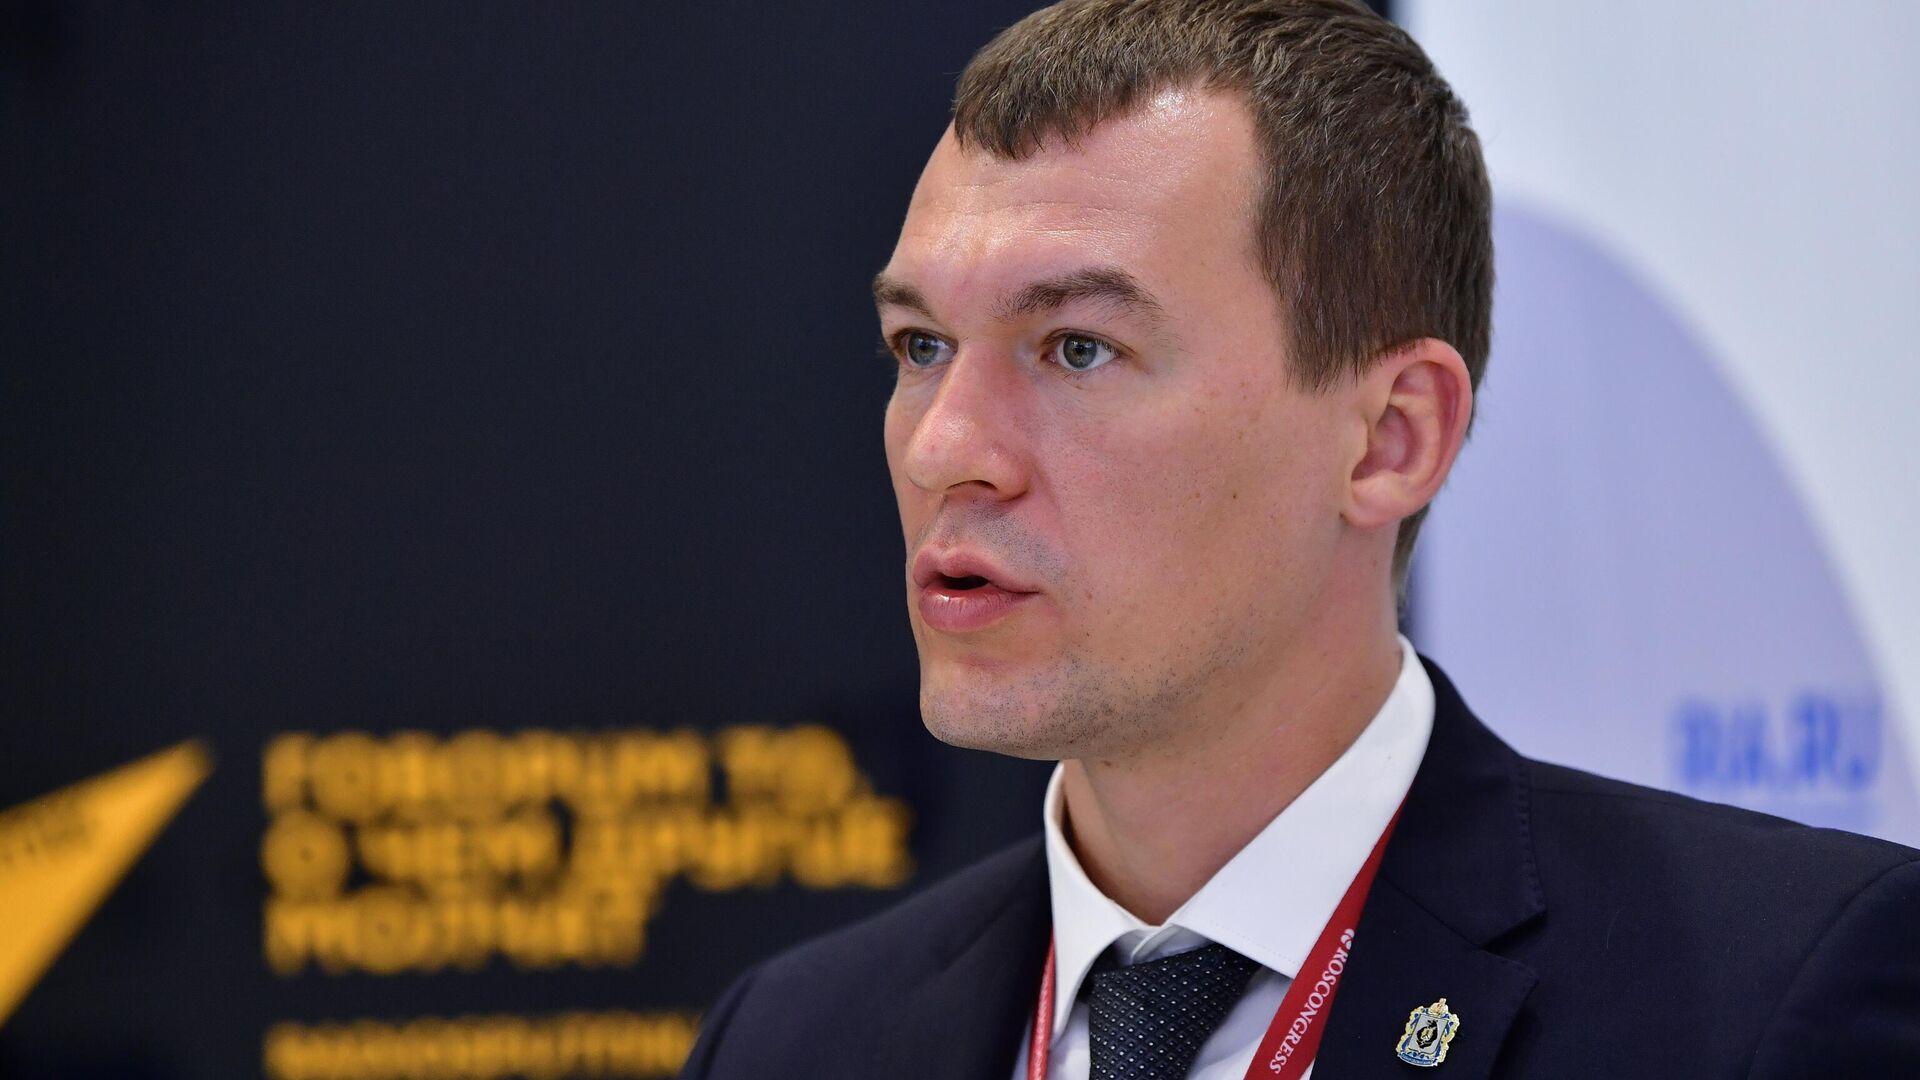 Эксперты оценили изменения в Хабаровском крае за год работы губернатора Дегтярева